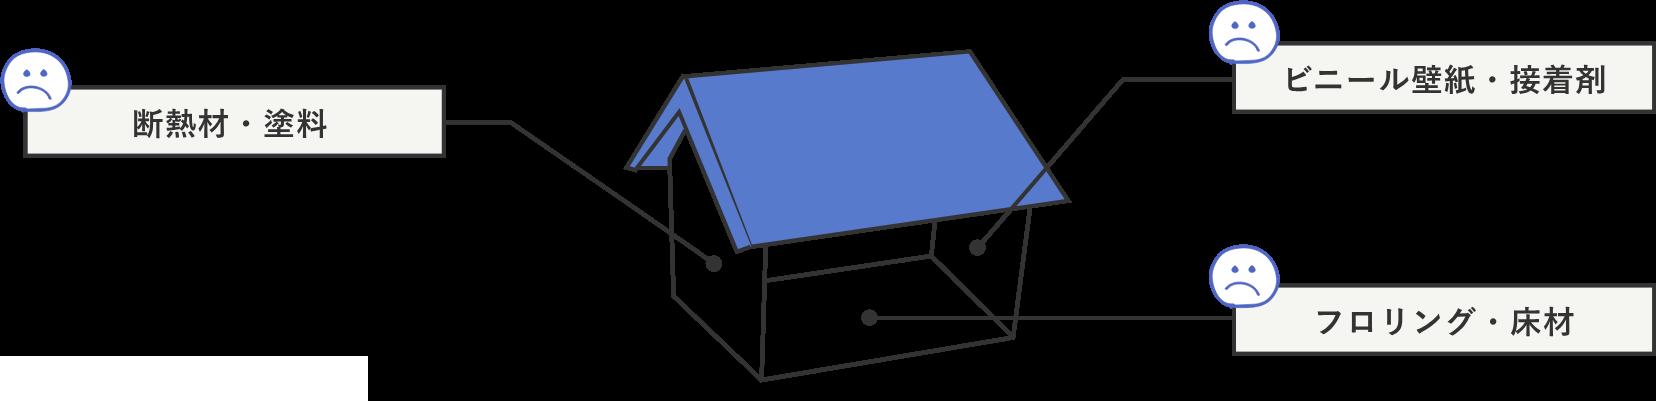 住宅に使用されている化学物質の説明